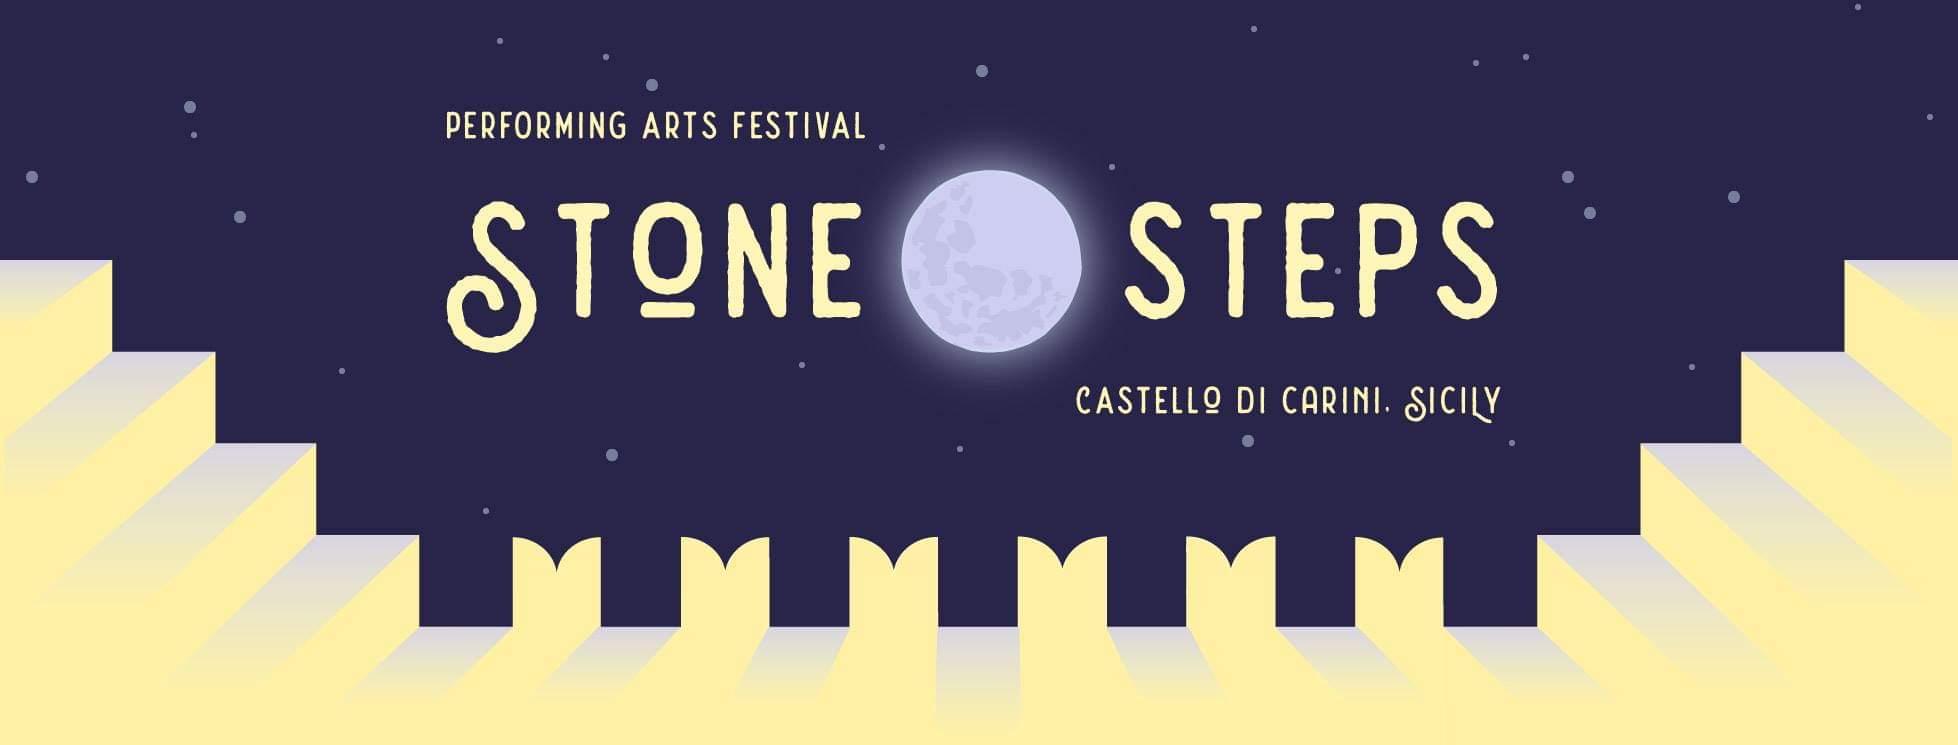 stone steps festival.jpg